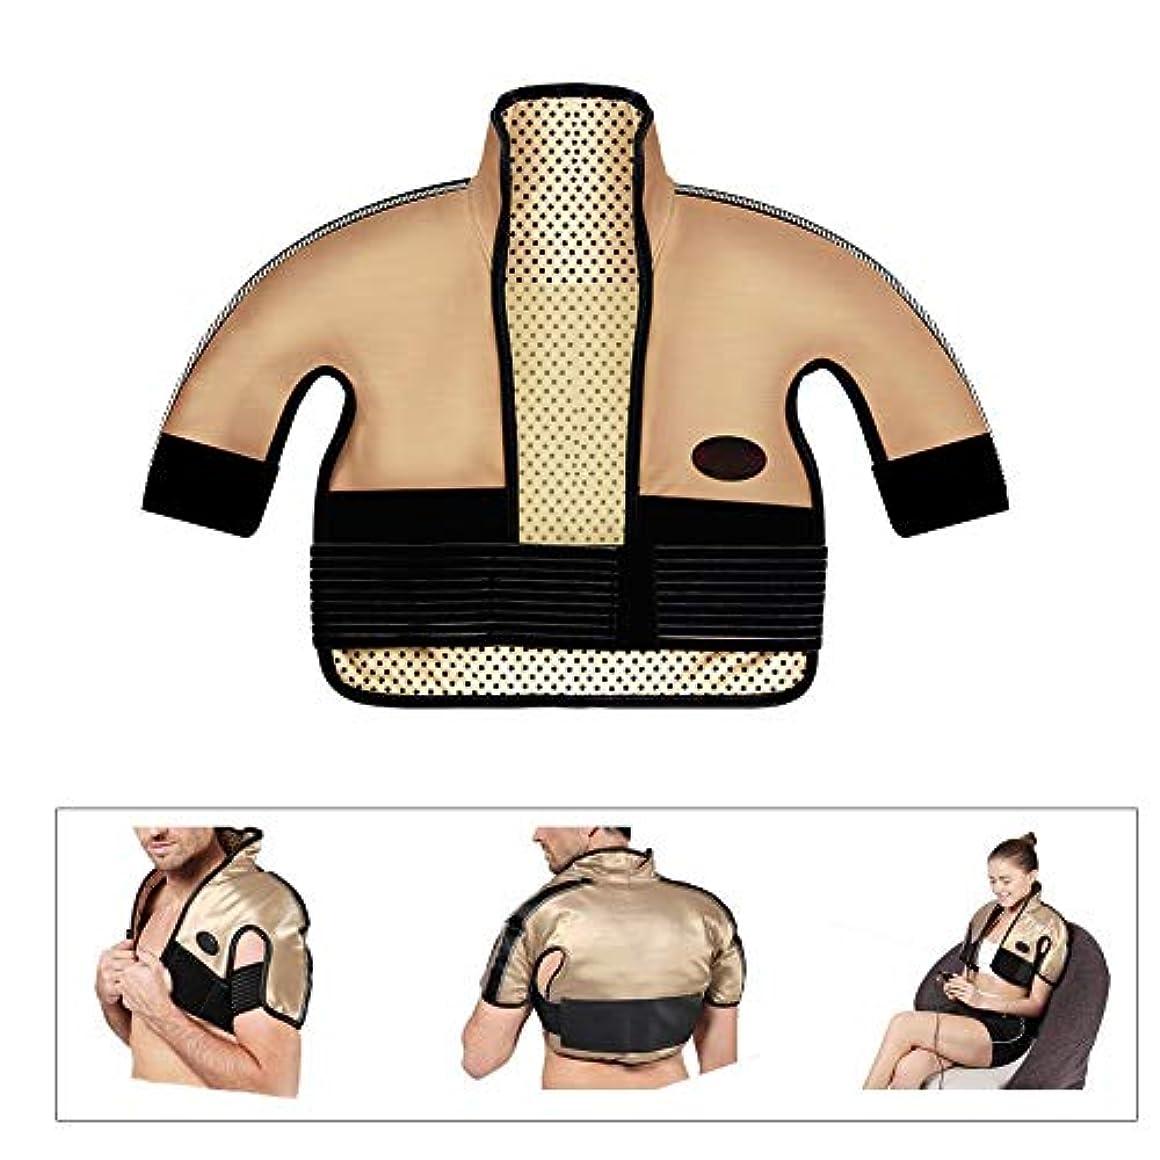 民間人豆腐官僚肩と首の電気加熱パッド - 混練加熱、痛み緩和加熱パッドを叩く、医療用品マッサージベスト(肩幅用:40-65CM)